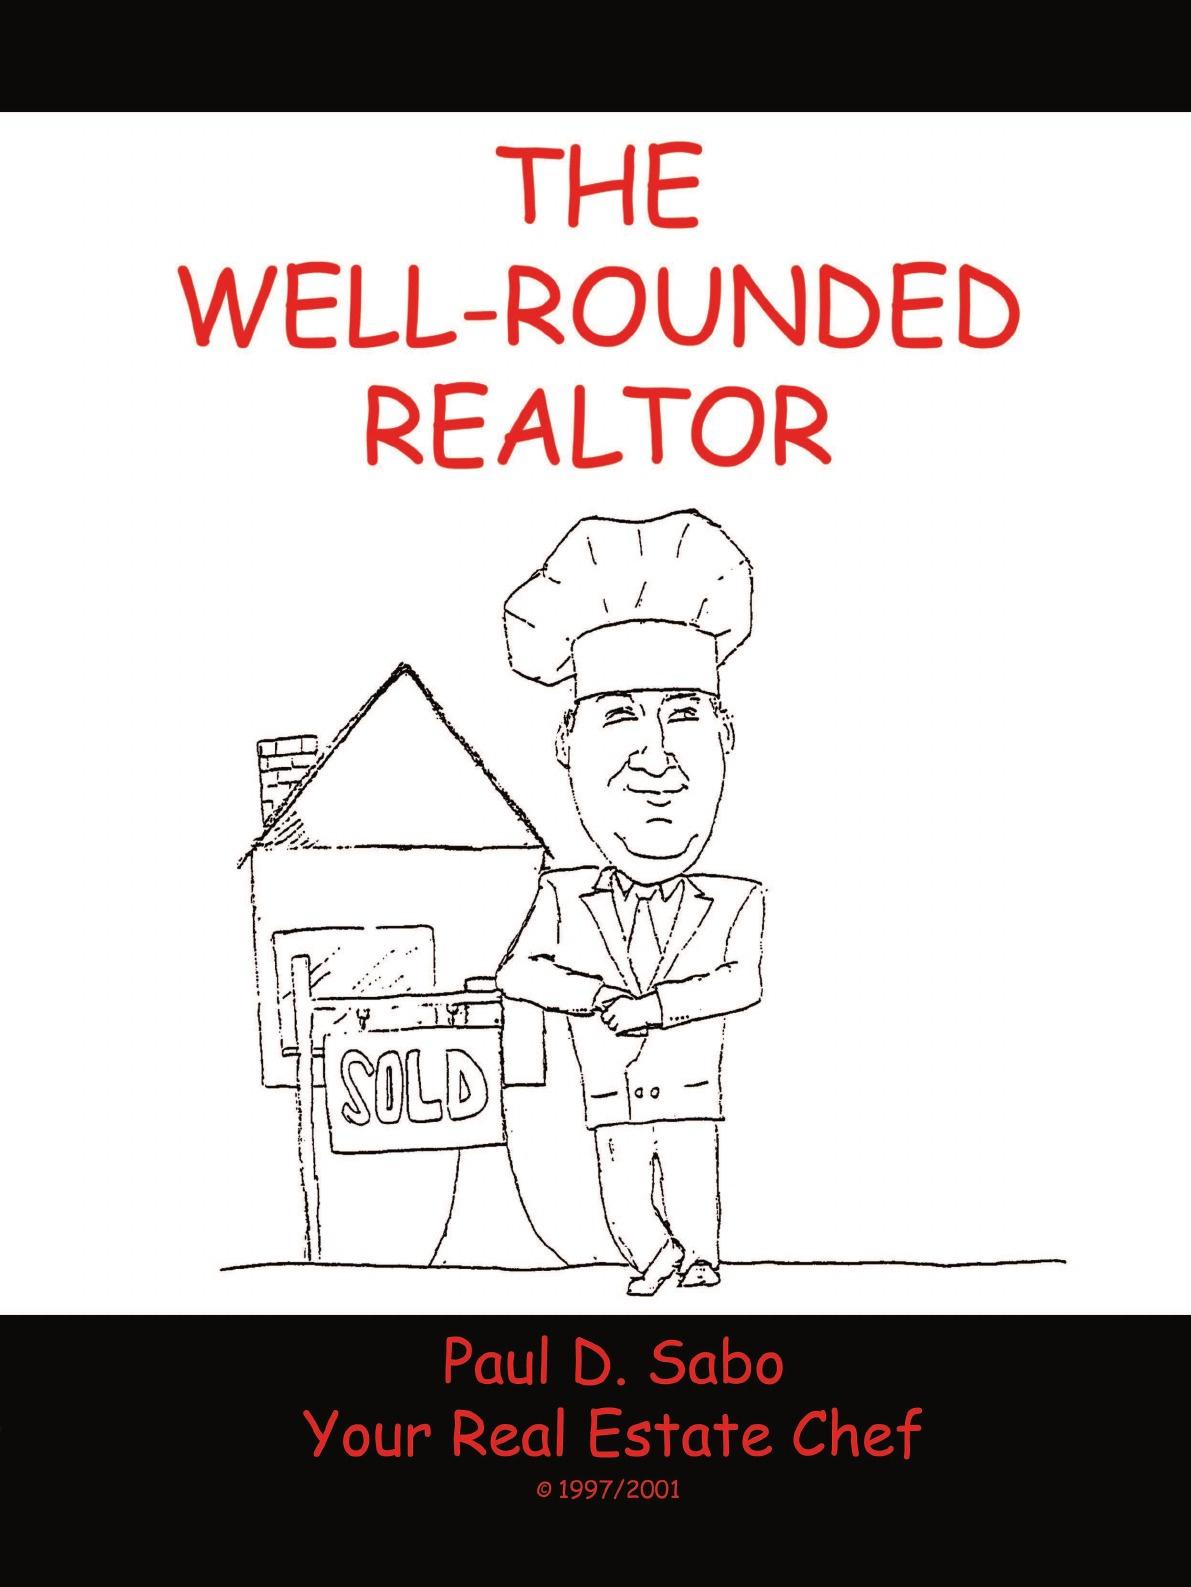 лучшая цена Paul D. Sabo The Well-Rounded Realtor